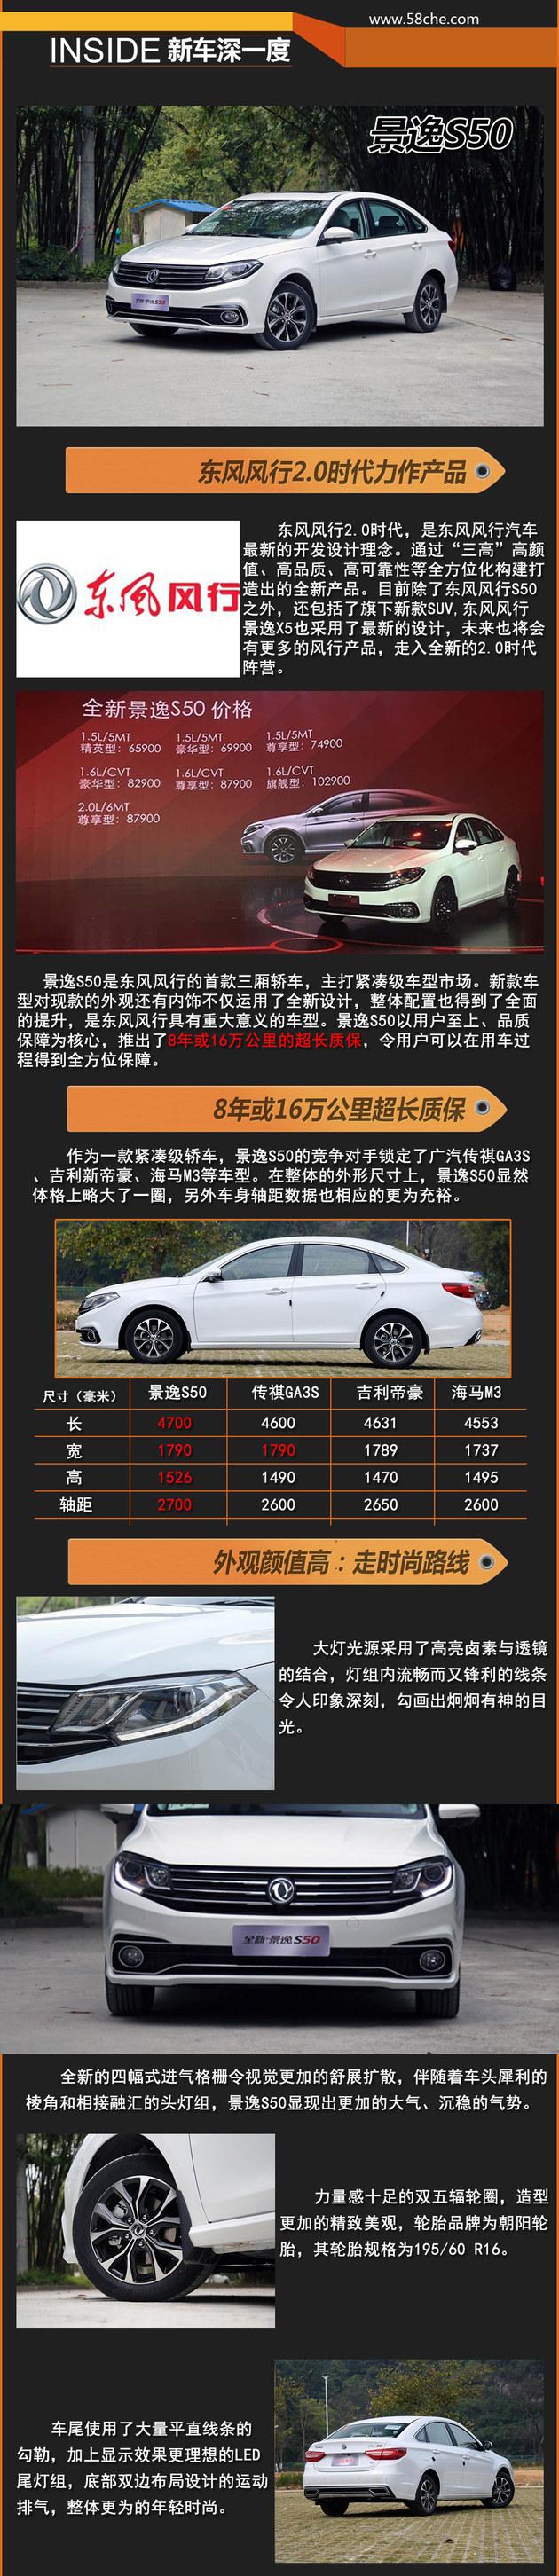 东风风行全新景逸S50 新车深已经解析